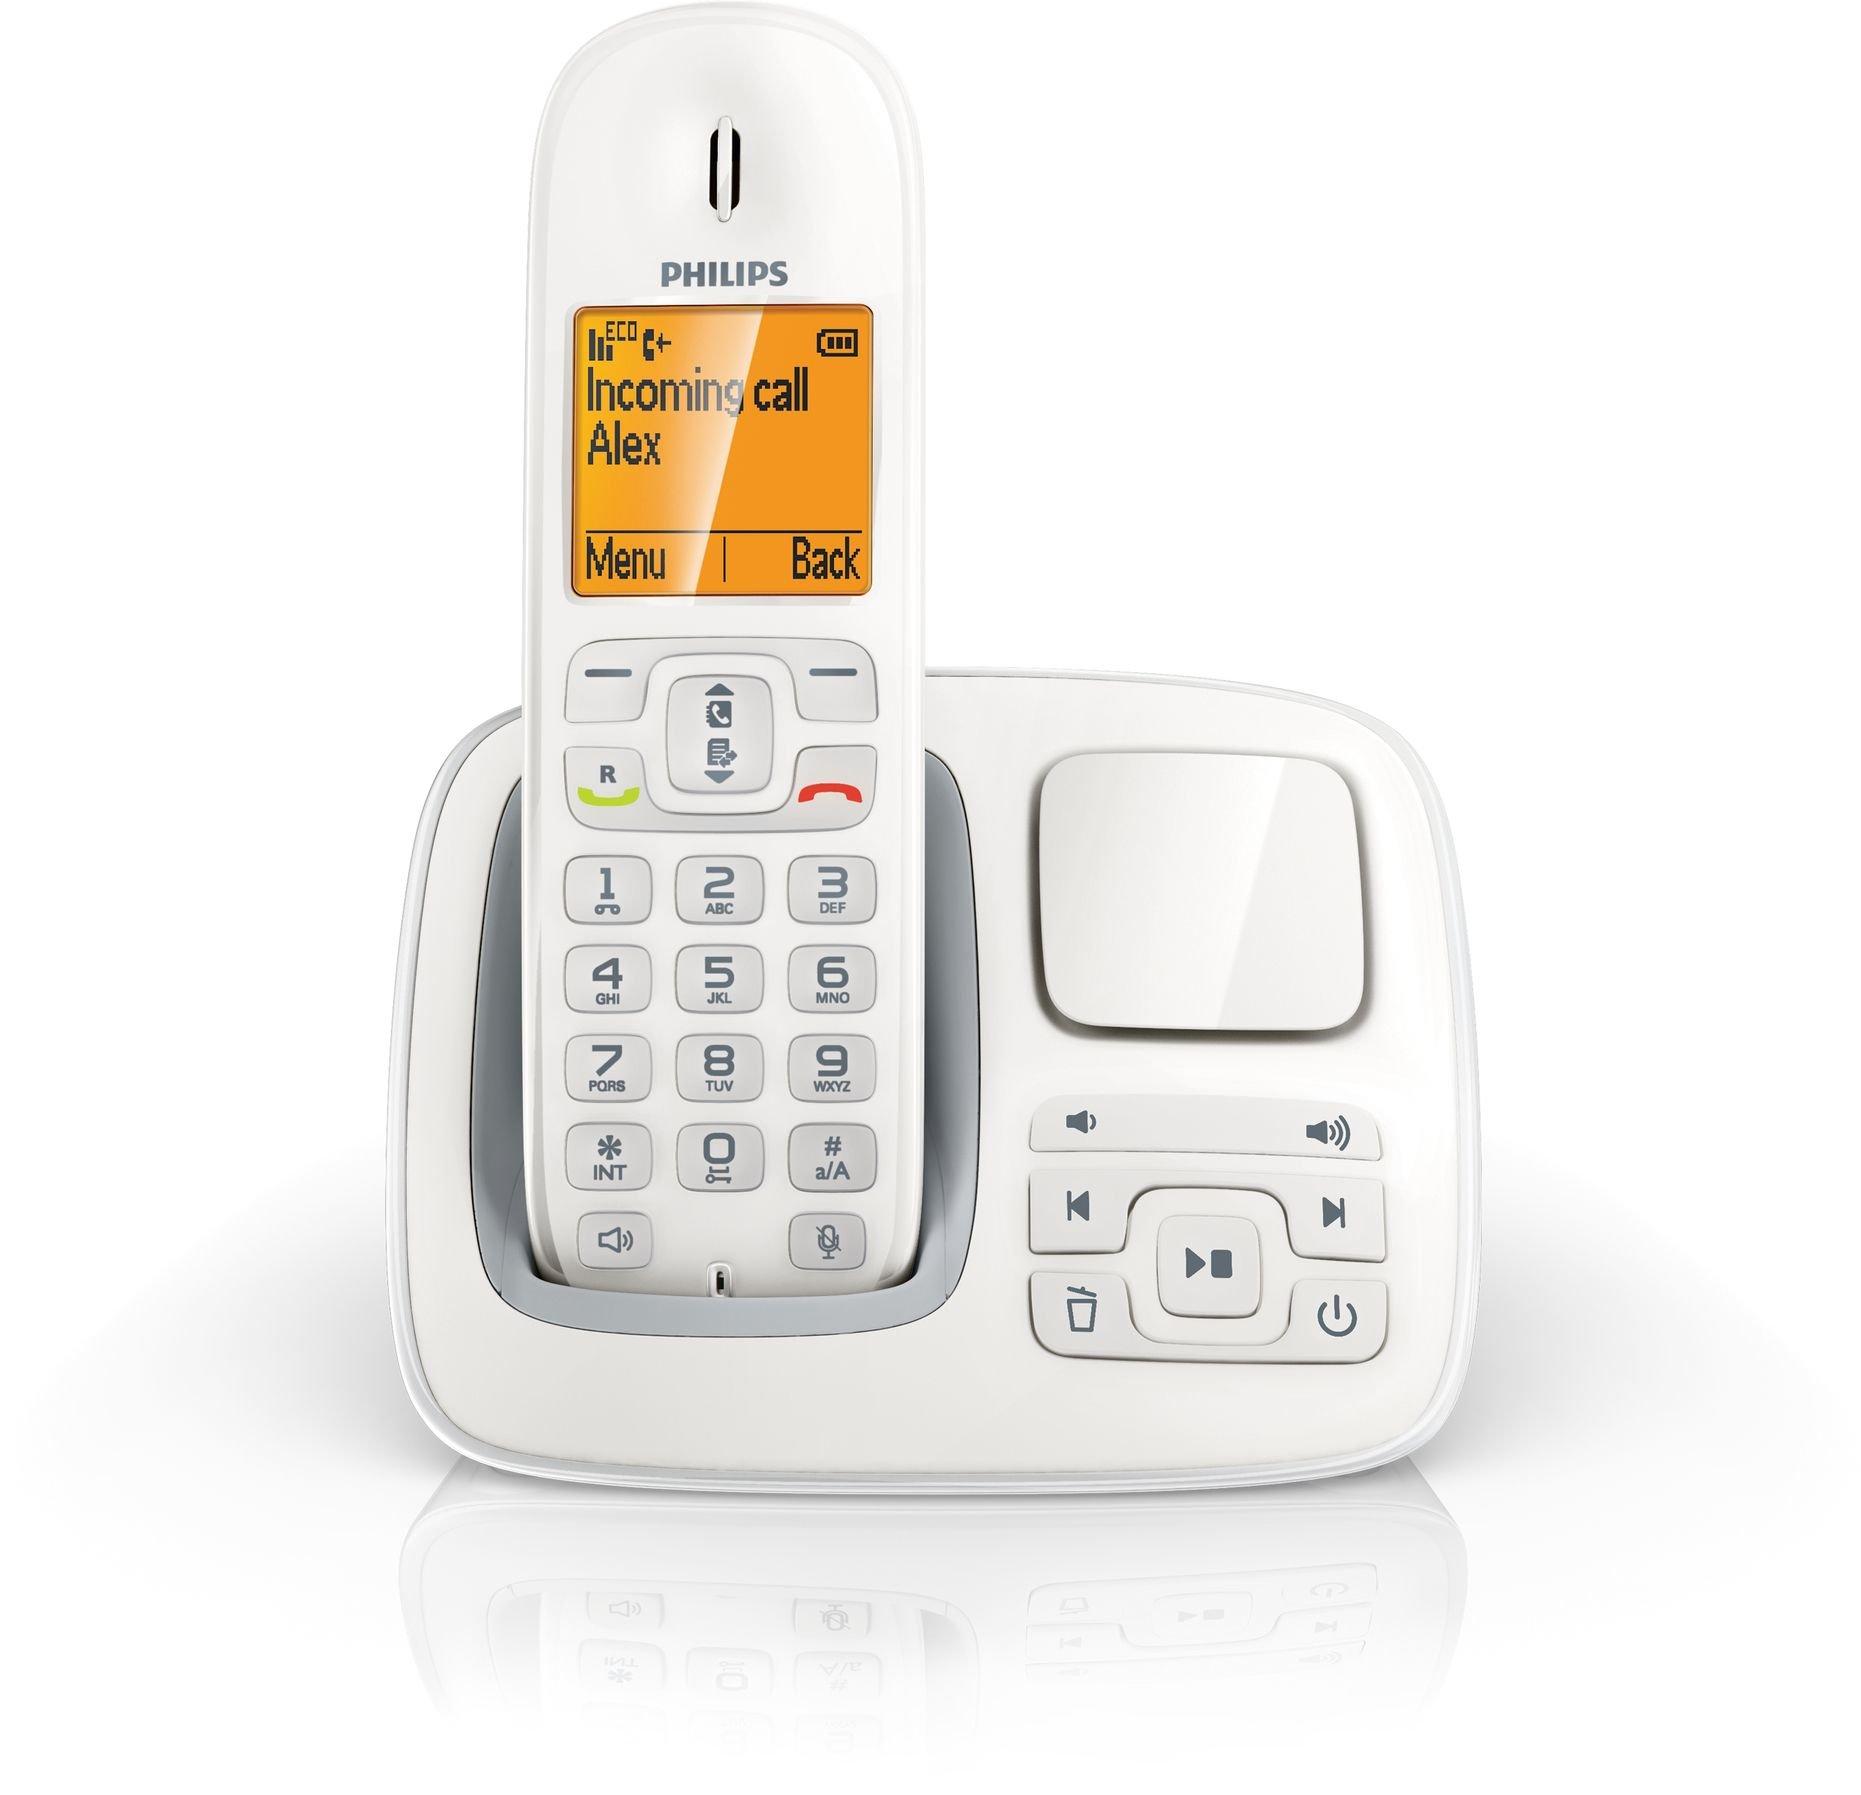 Philips CD2951W/22 - Teléfono (Teléfono DECT, Altavoz, 100 entradas, Identificador de Llamadas, Blanco): Amazon.es: Electrónica